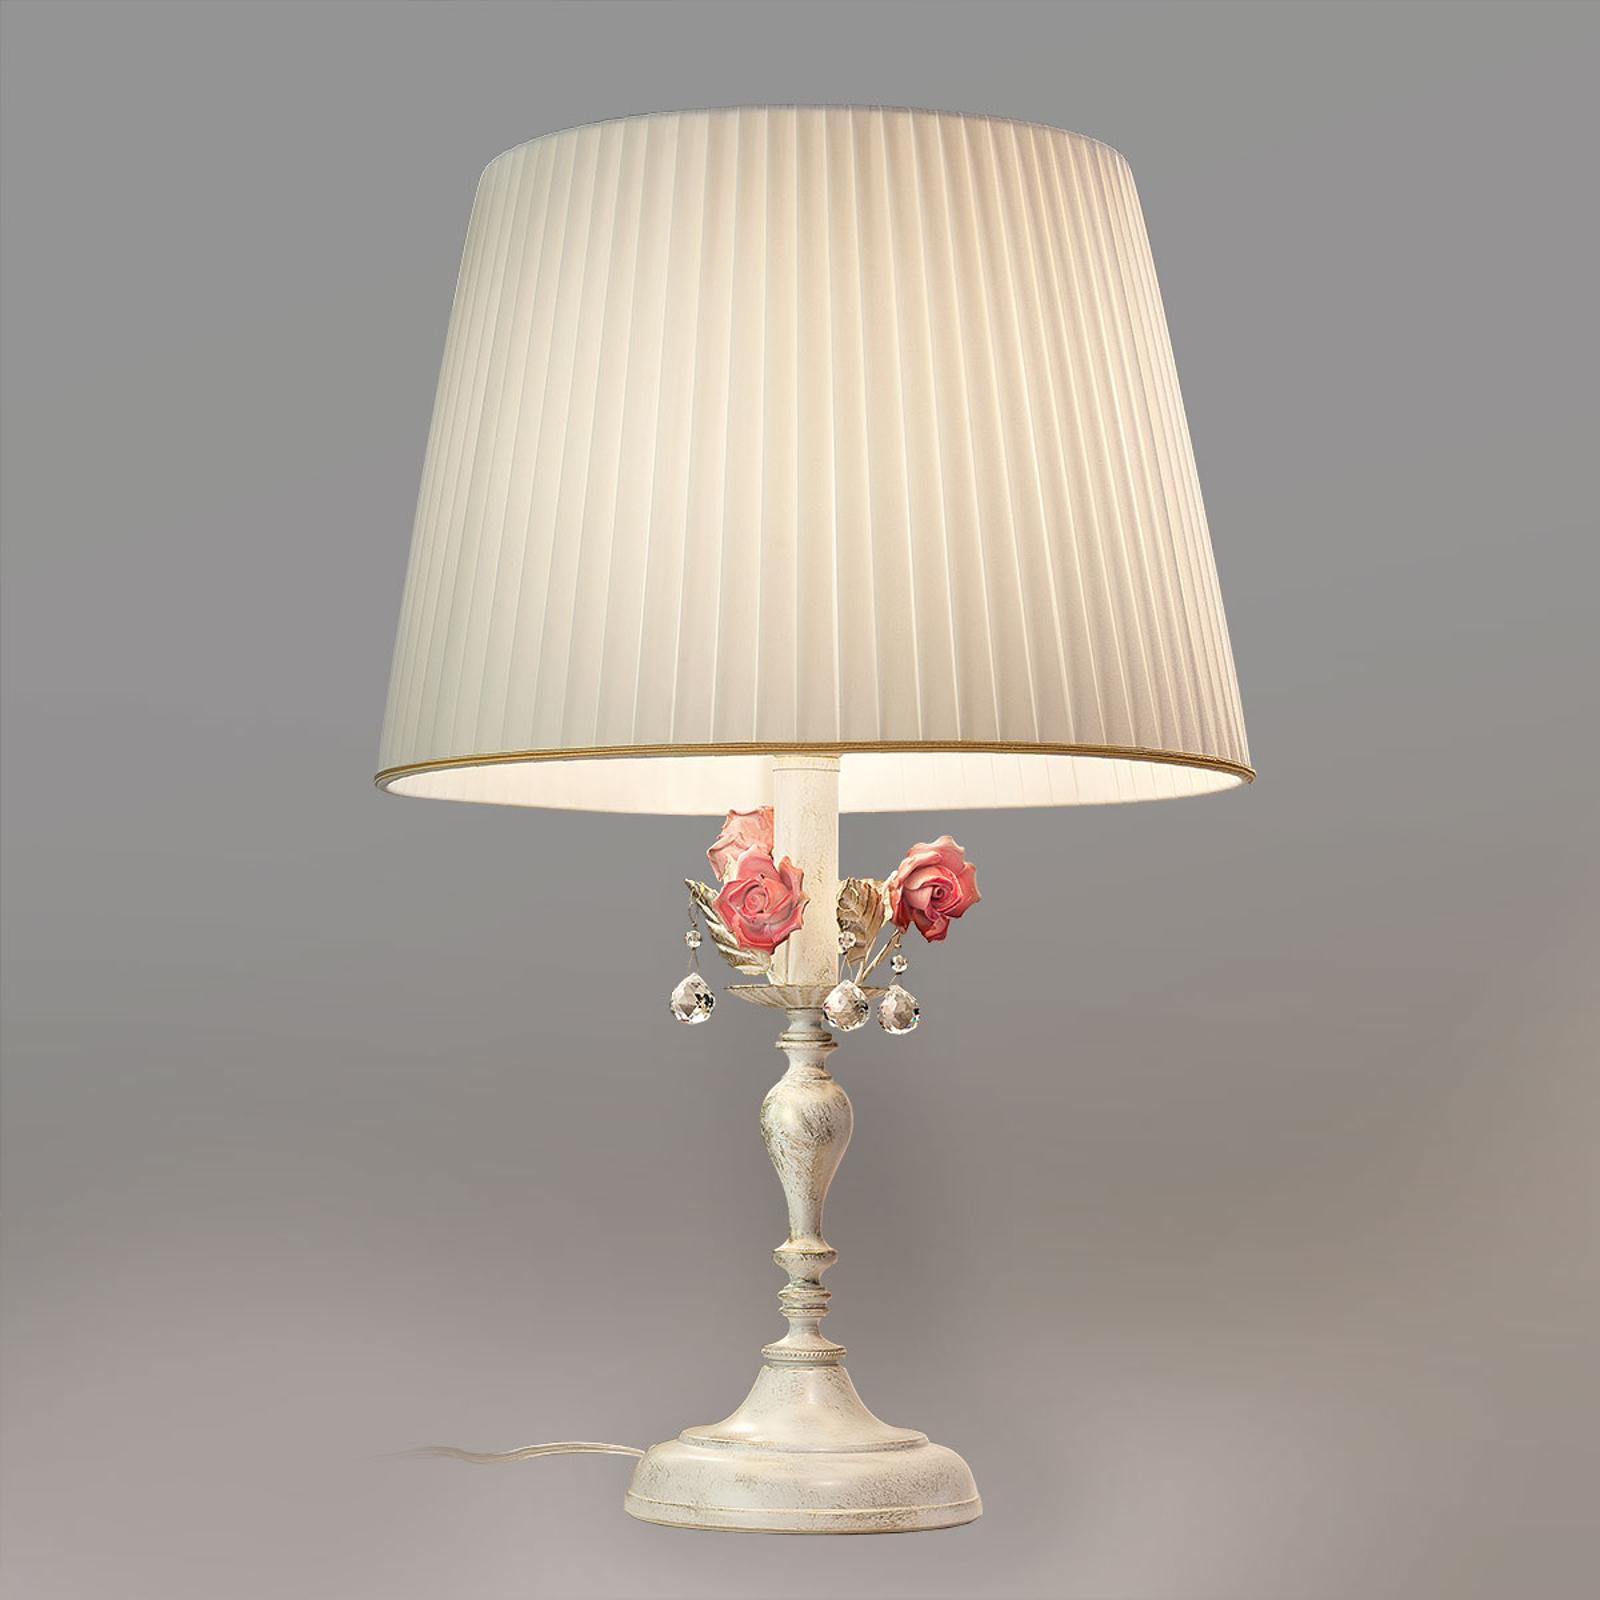 Lampa stołowa FIORE w stylu florentyńskim